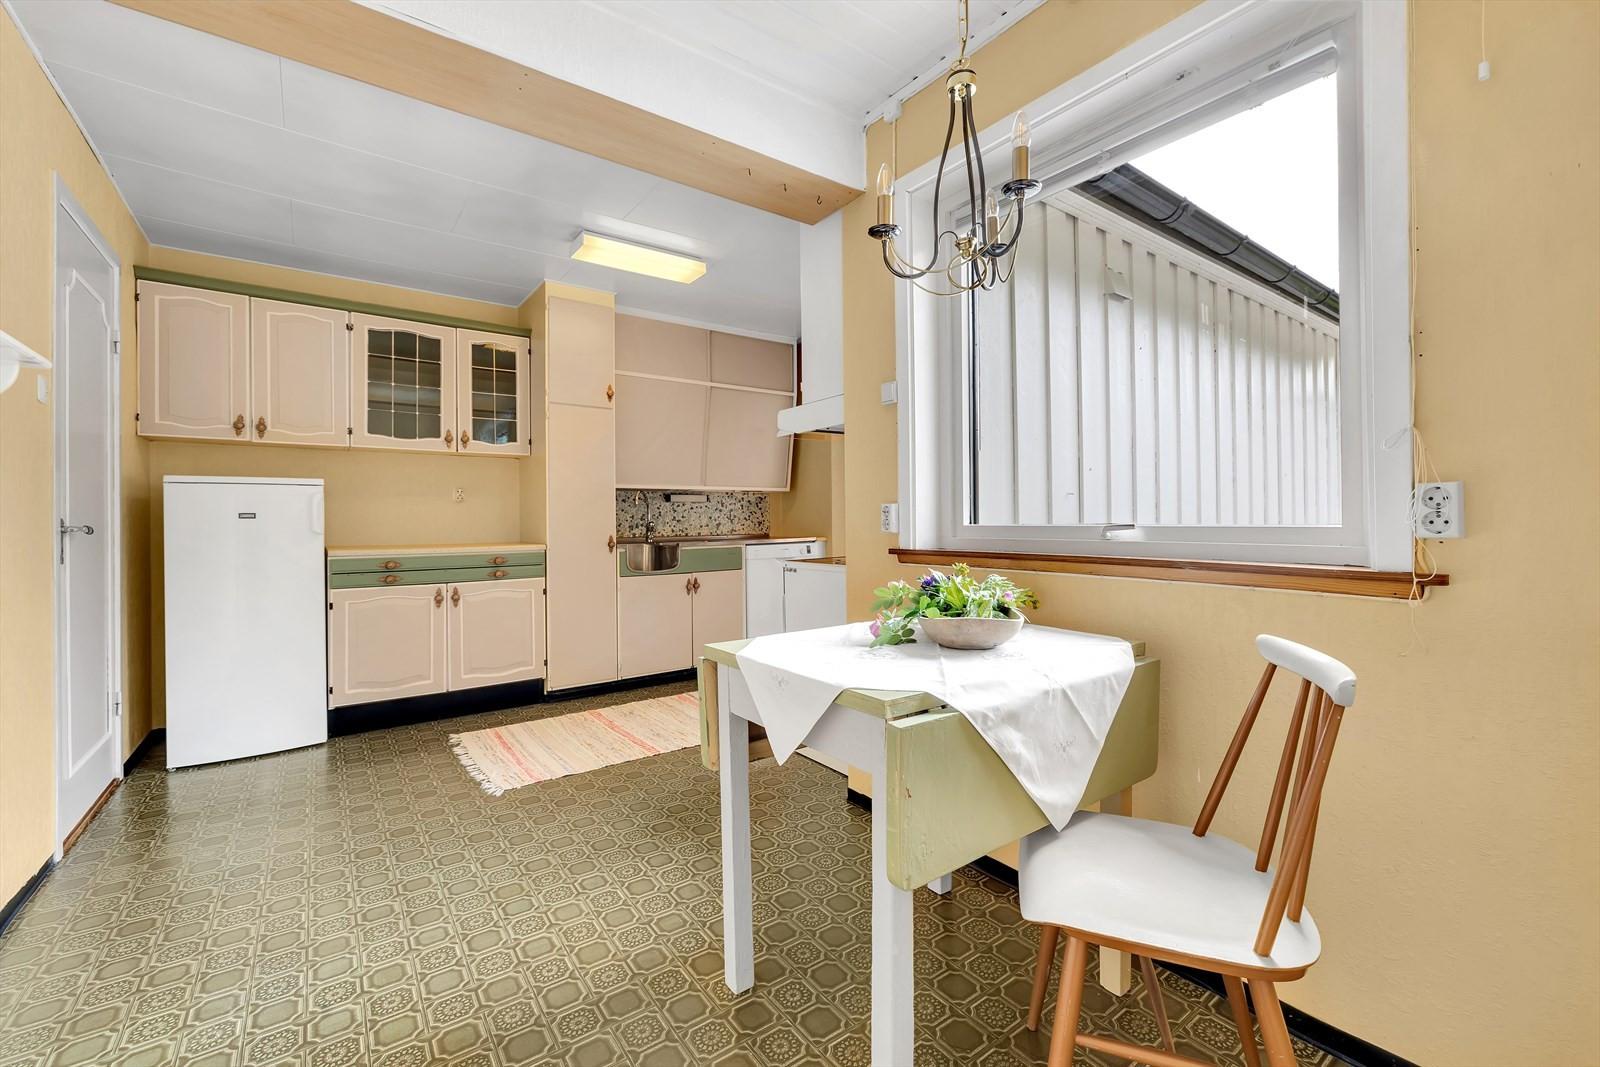 Kjøkkenet er av typen med skråskapene som nå har blitt pupulære igjen